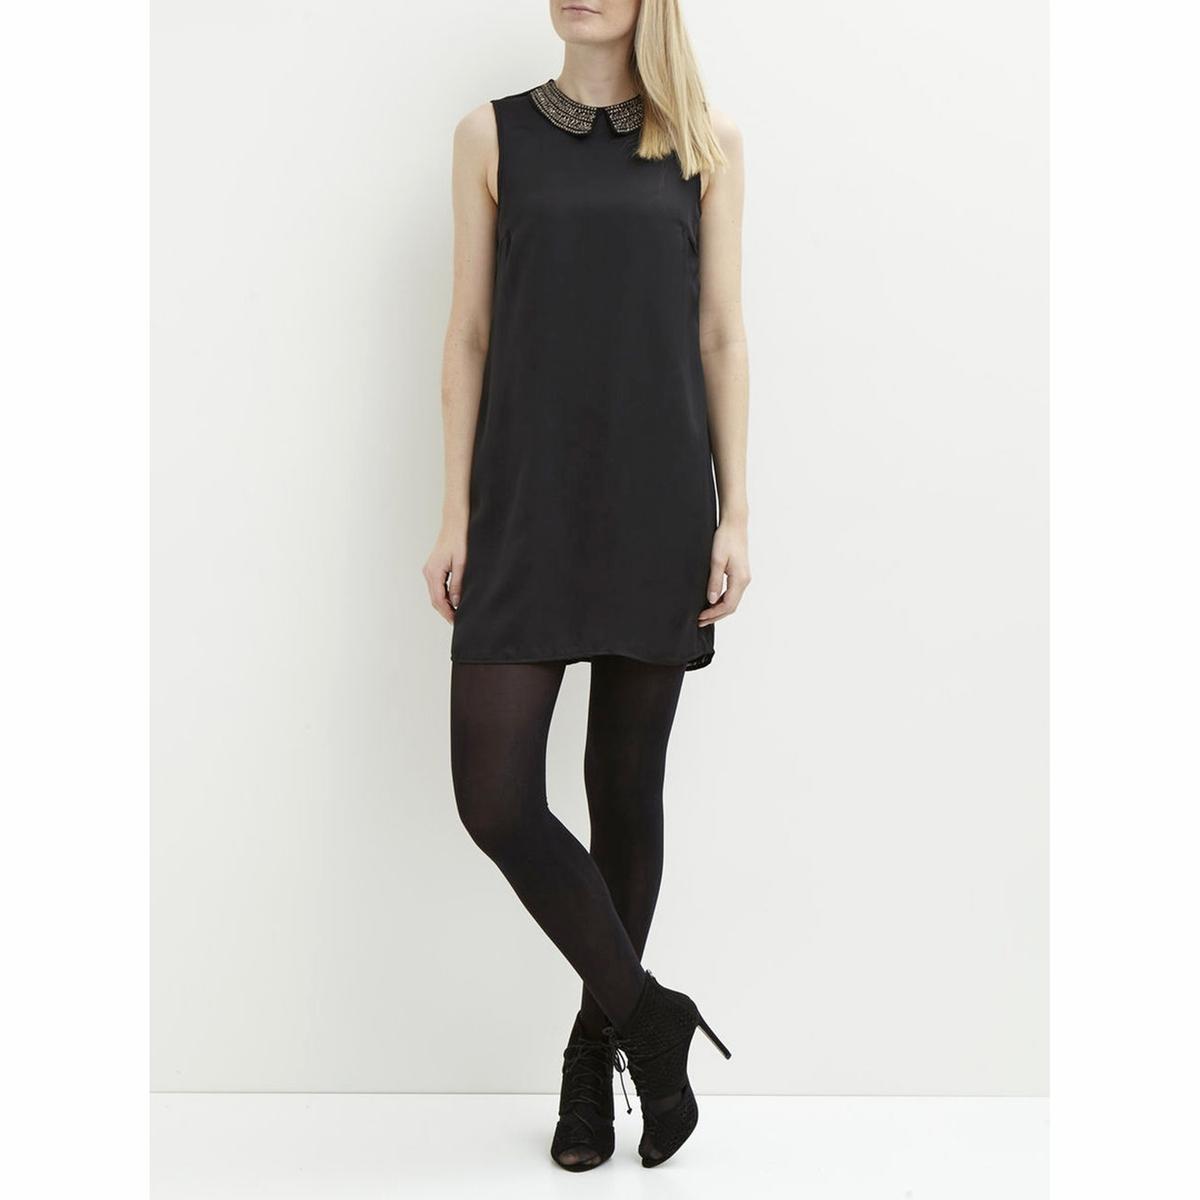 Платье без рукавов VIBLINGERS S/L DRESSСостав и описание :Материал : 100% полиэстерМарка : VILA.<br><br>Цвет: черный<br>Размер: S